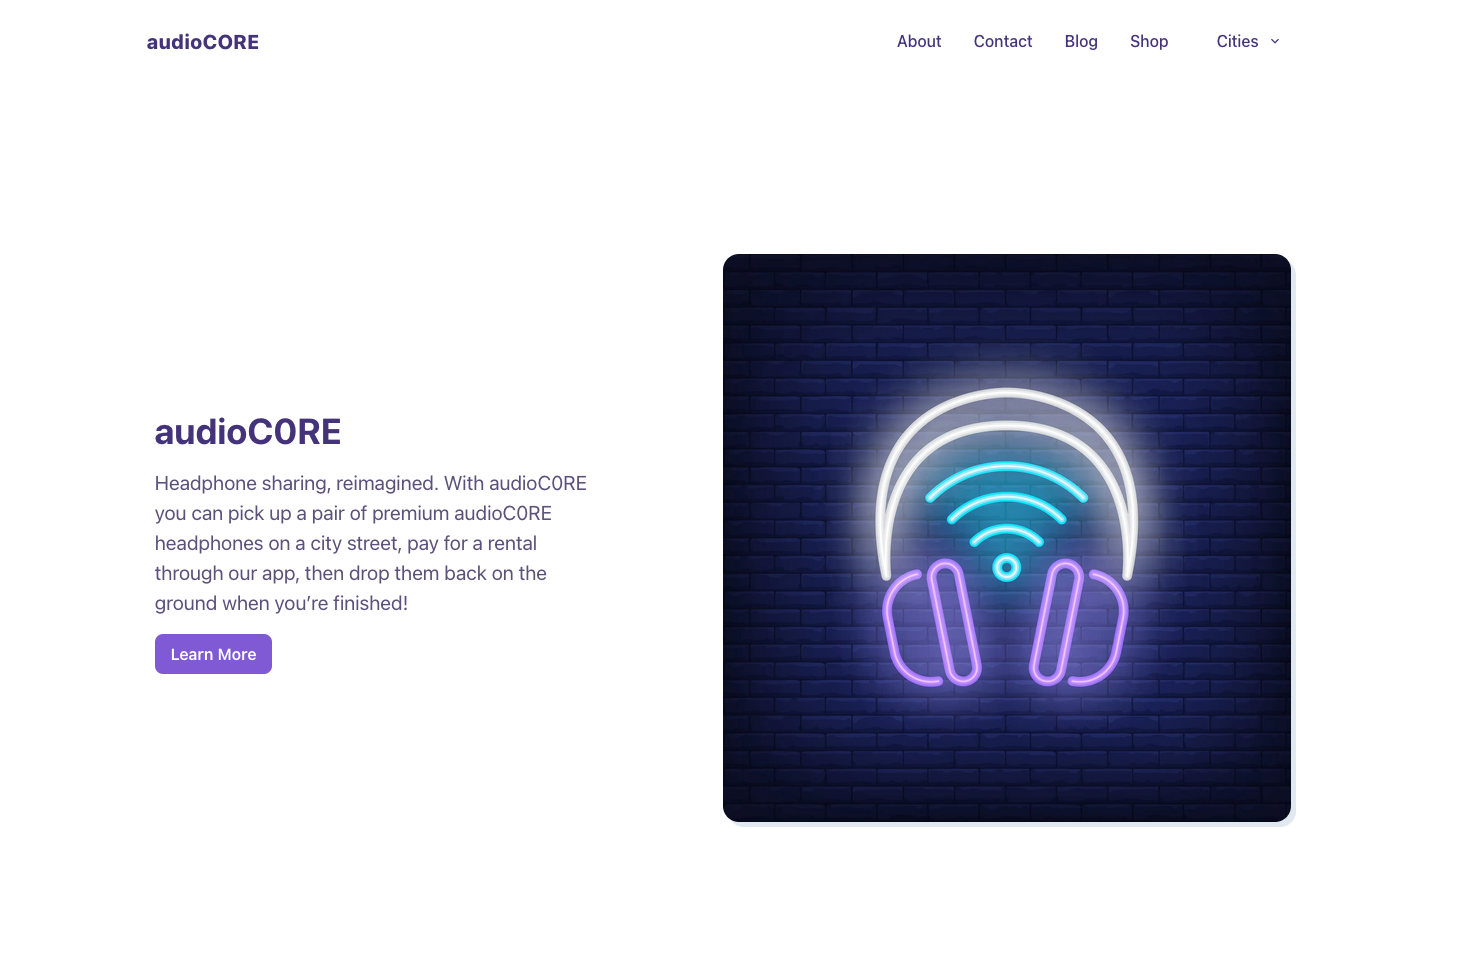 audioC0RE landing page